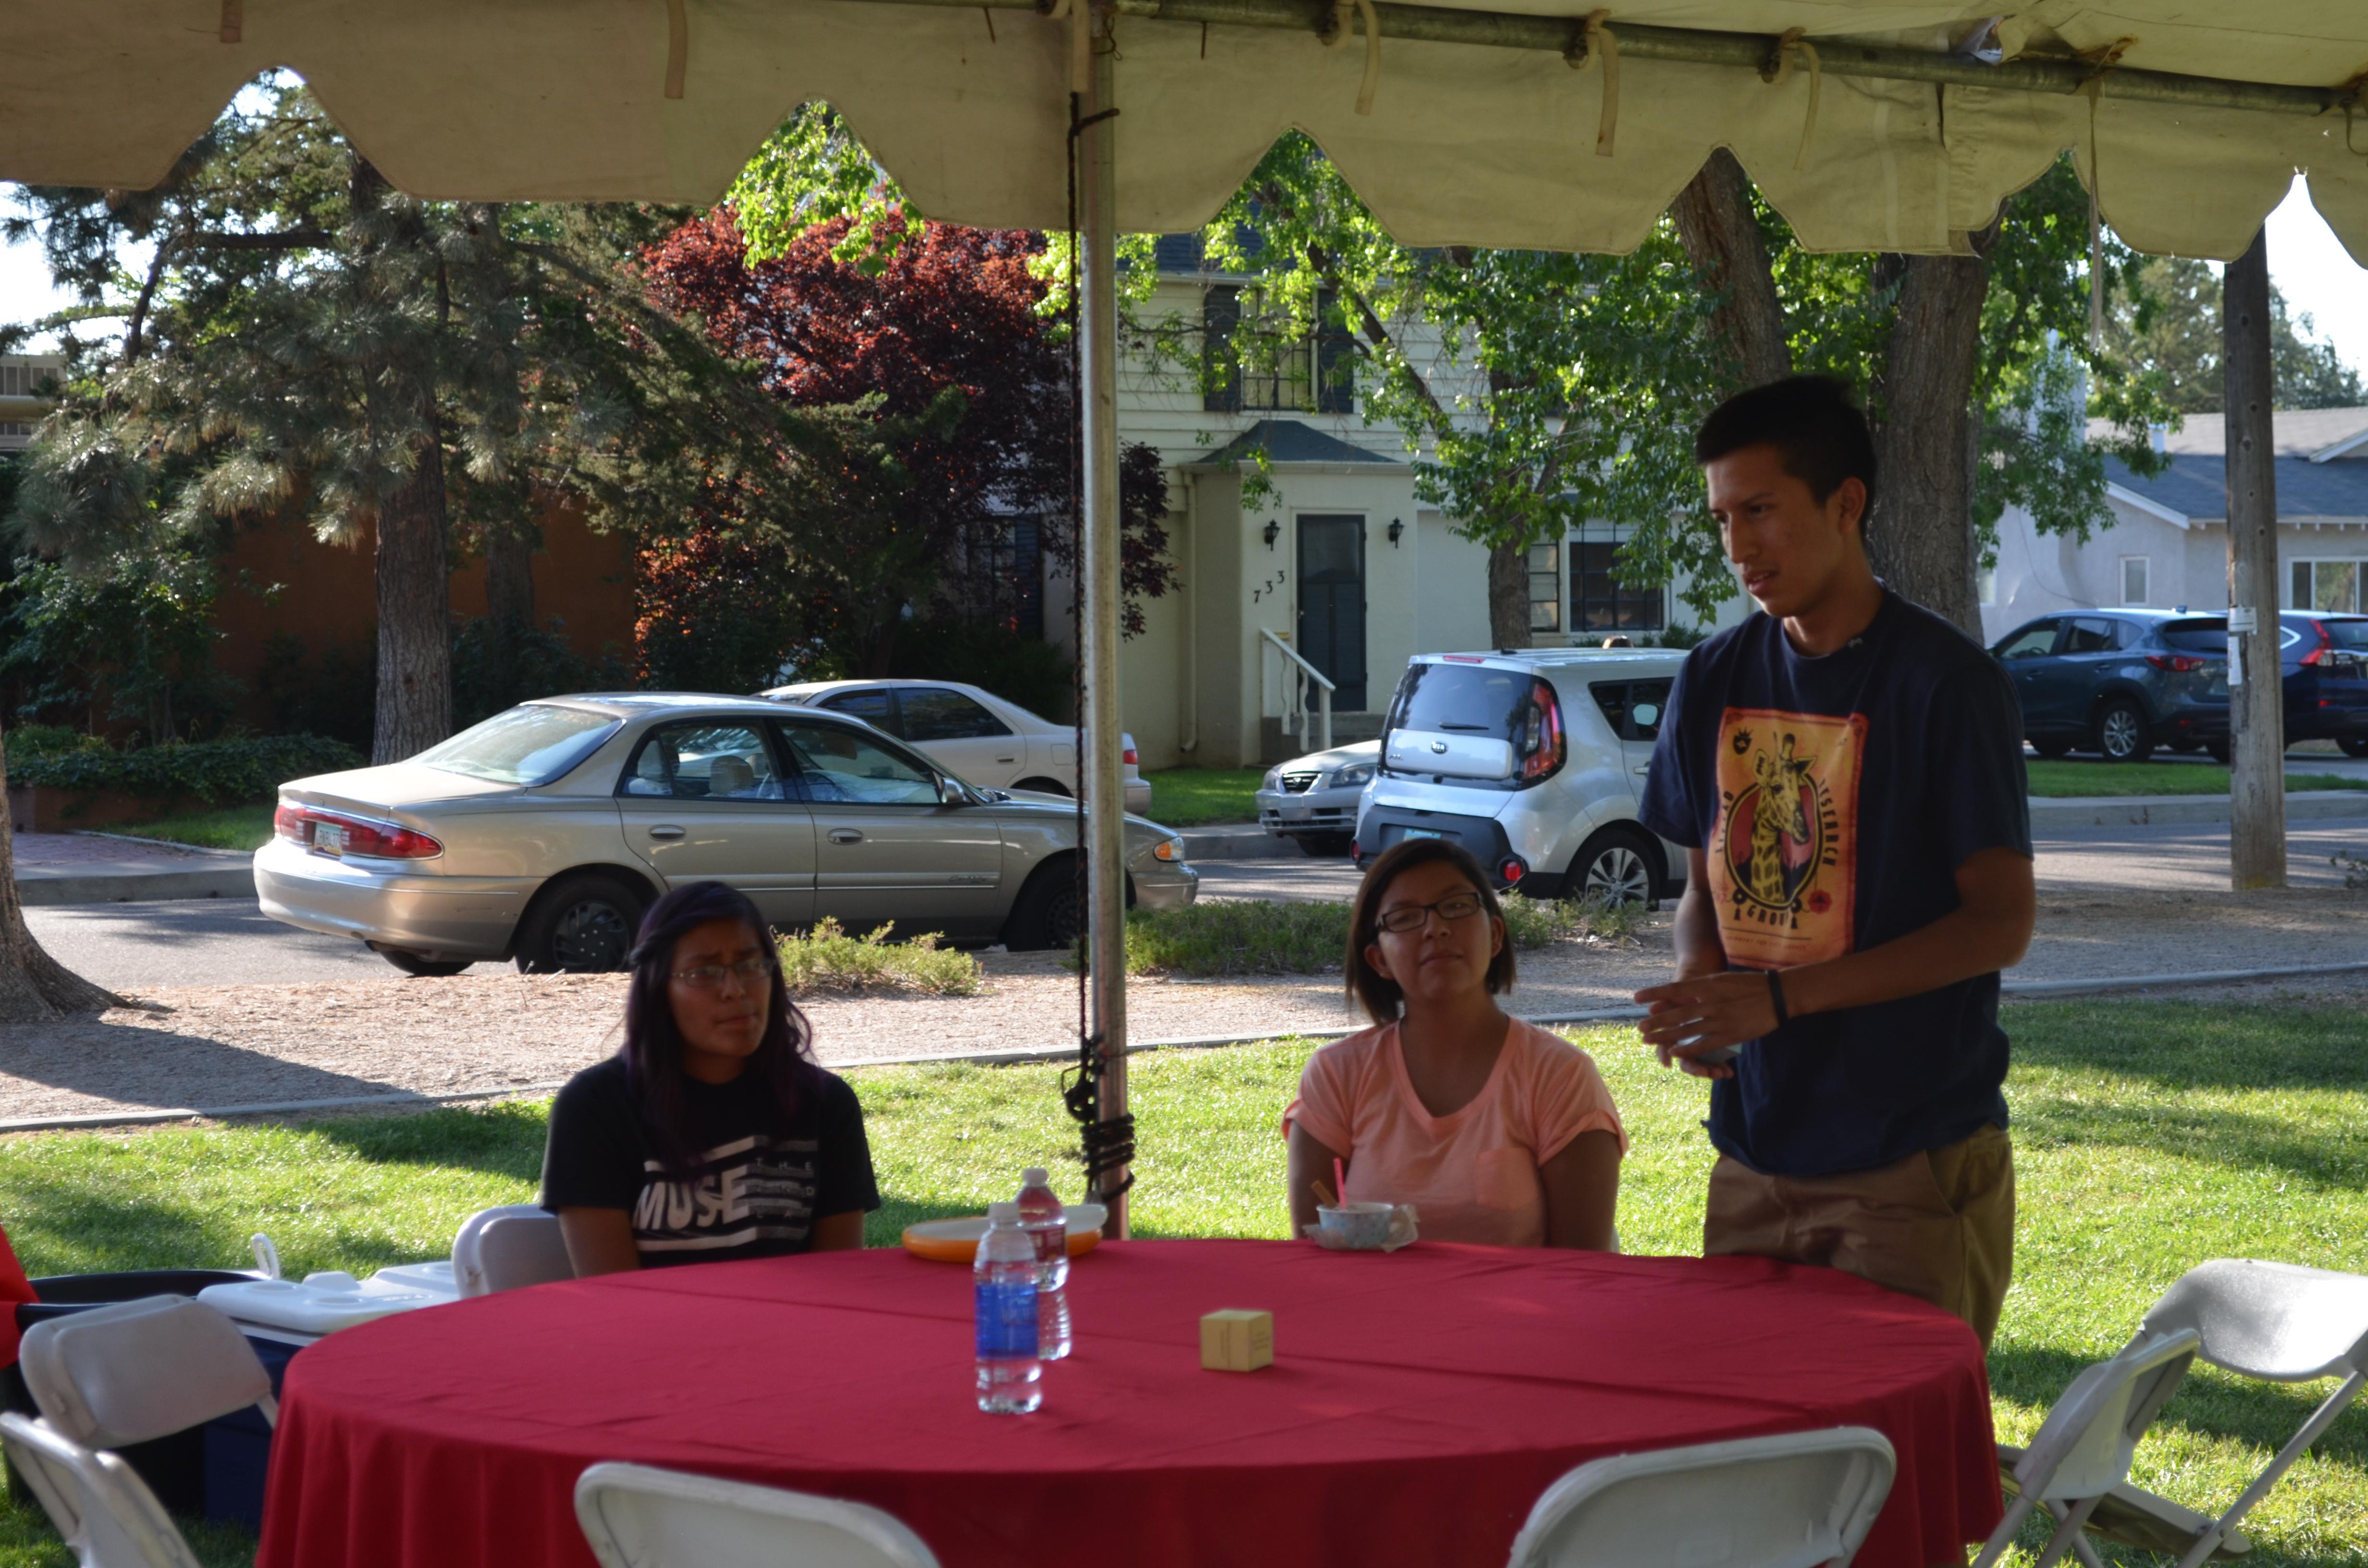 Des élèves assis autour de tables à l'extérieur.